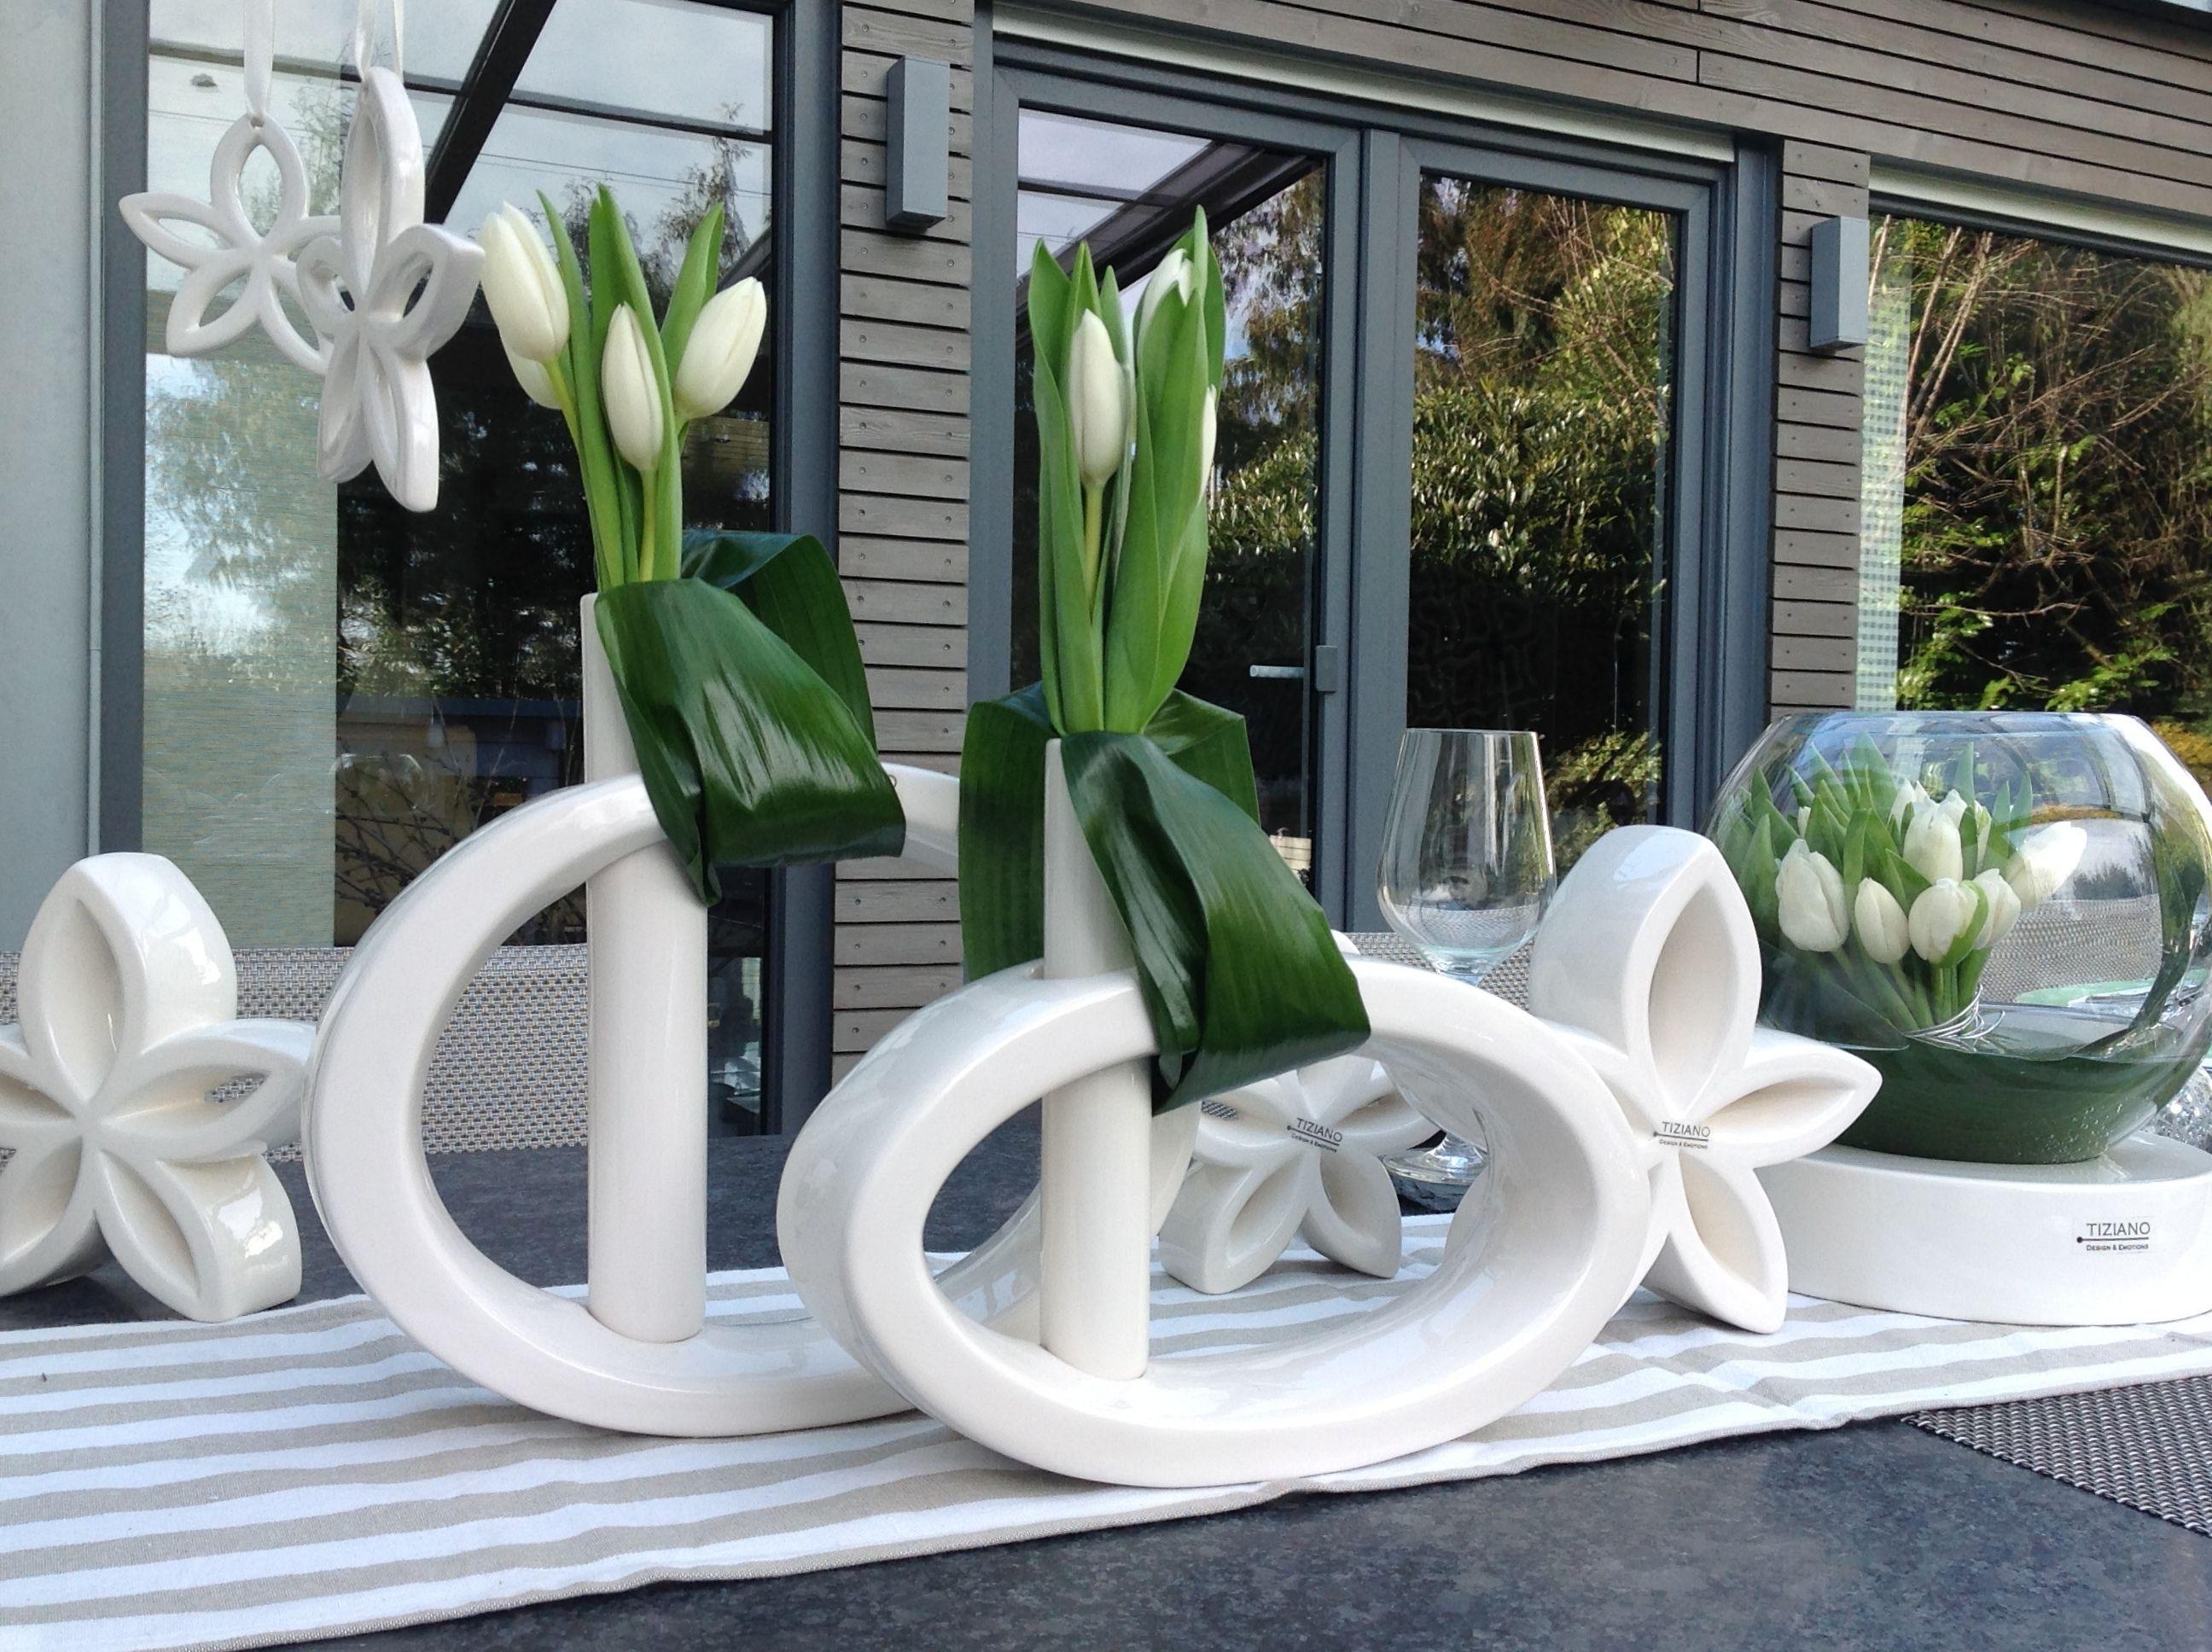 superior einfache dekoration und mobel bluetenpracht passend zur einrichtung 2 #3: Tischdekoration 2 x anders: Wir zeigen Ihnen heute wie Sie mit ein paar  Produkten unserer TIZIANO Frühjahrskollektion zwei ganz unterschiedliche ...